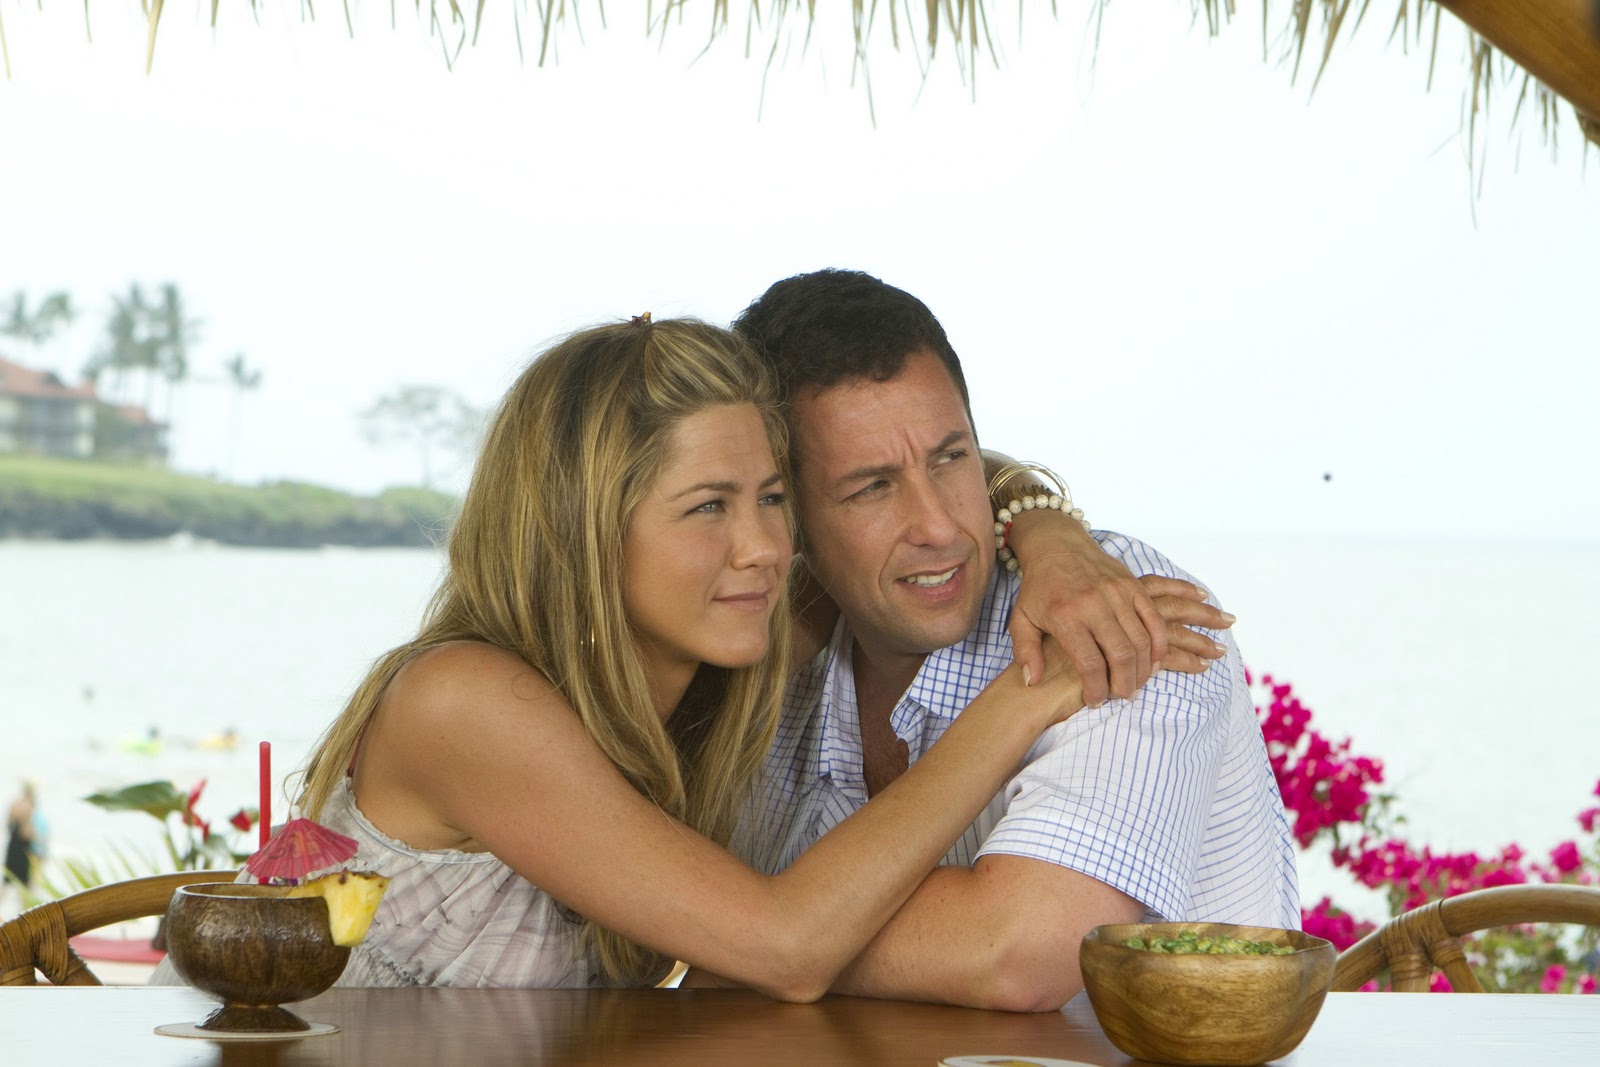 http://1.bp.blogspot.com/-uZfC2lyQ1eI/TuvYfufVbLI/AAAAAAAAG24/7swXT6CxESg/s1600/Esposa+de+mentirinha+5.jpg